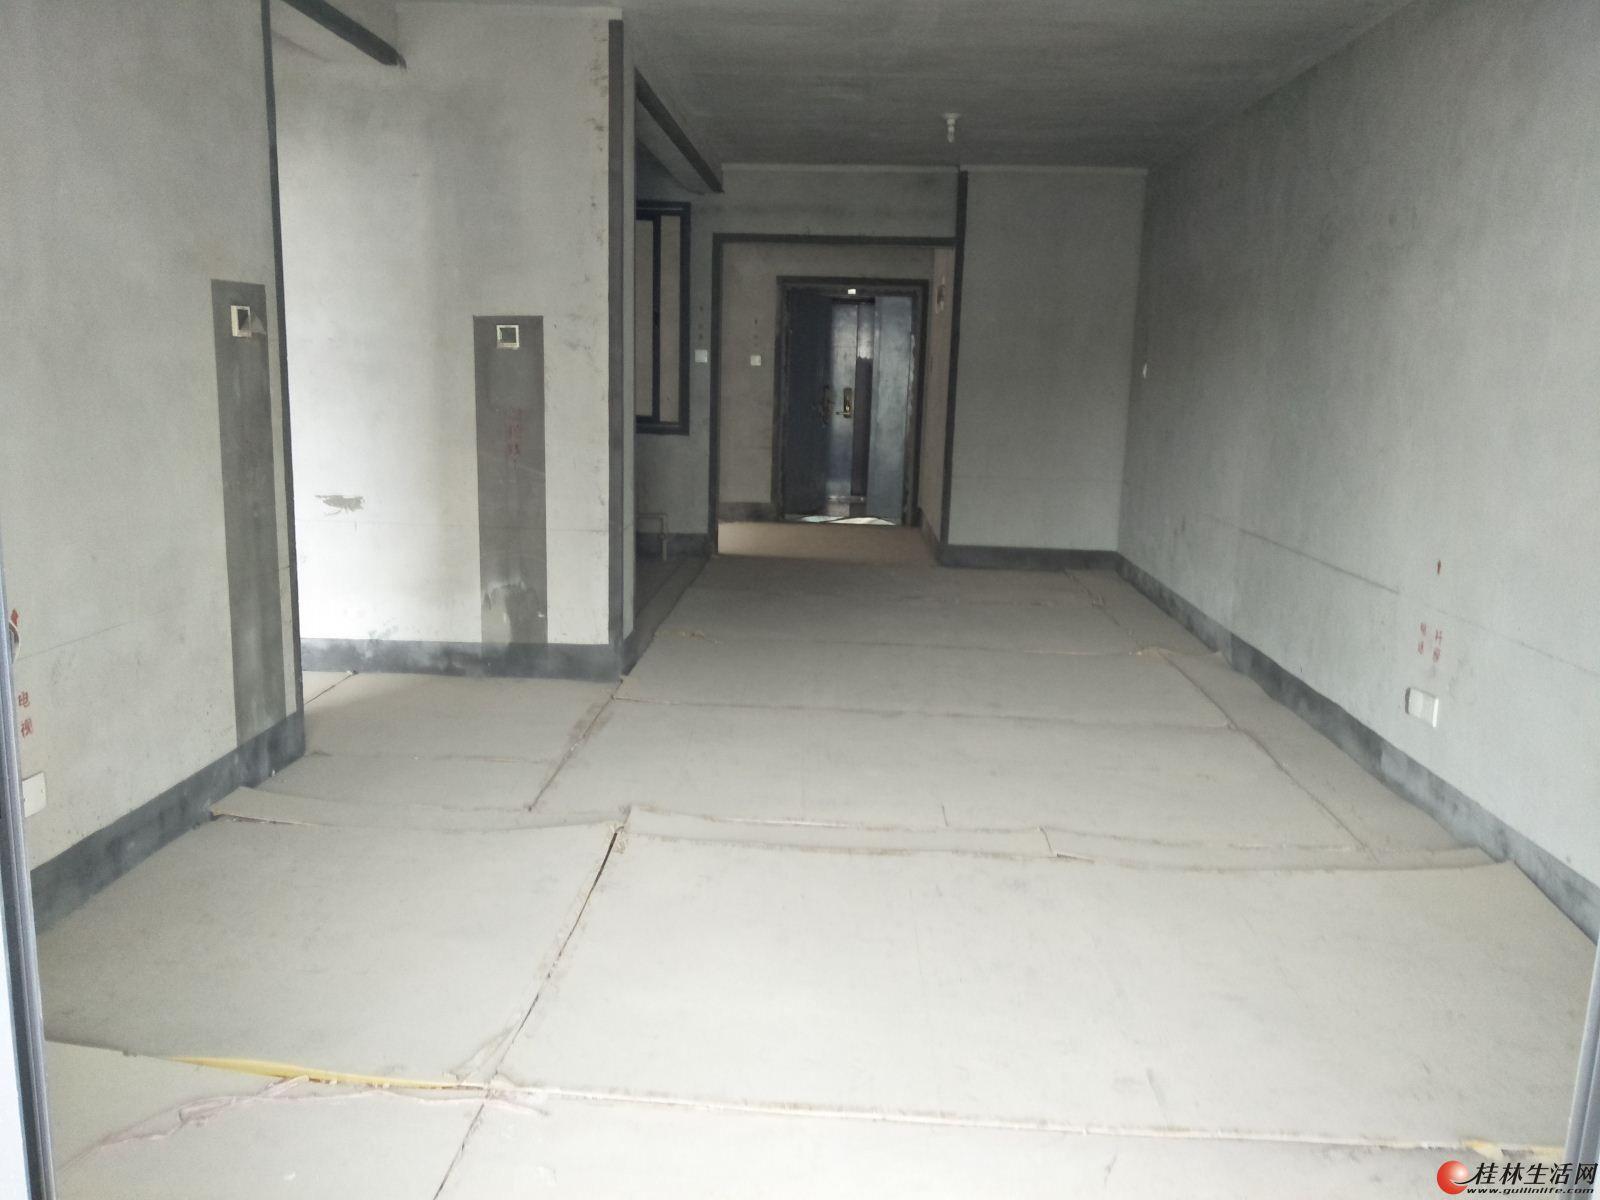 L急售 安厦世纪城 3房2厅 100㎡ 清水房 80万